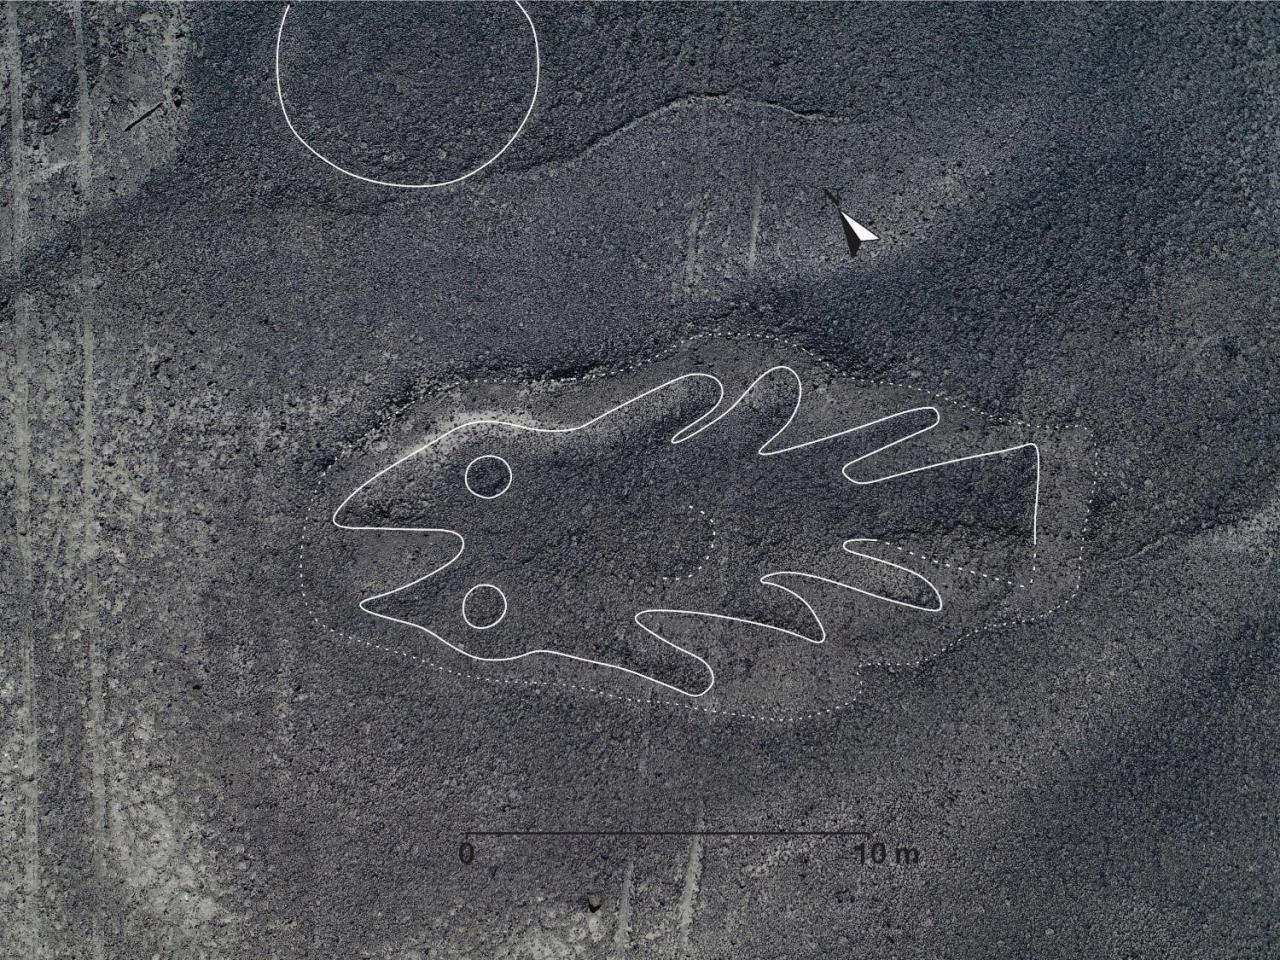 143 nuevos geoglifos descubiertos en la Pampa de Nasca y sus alrededores